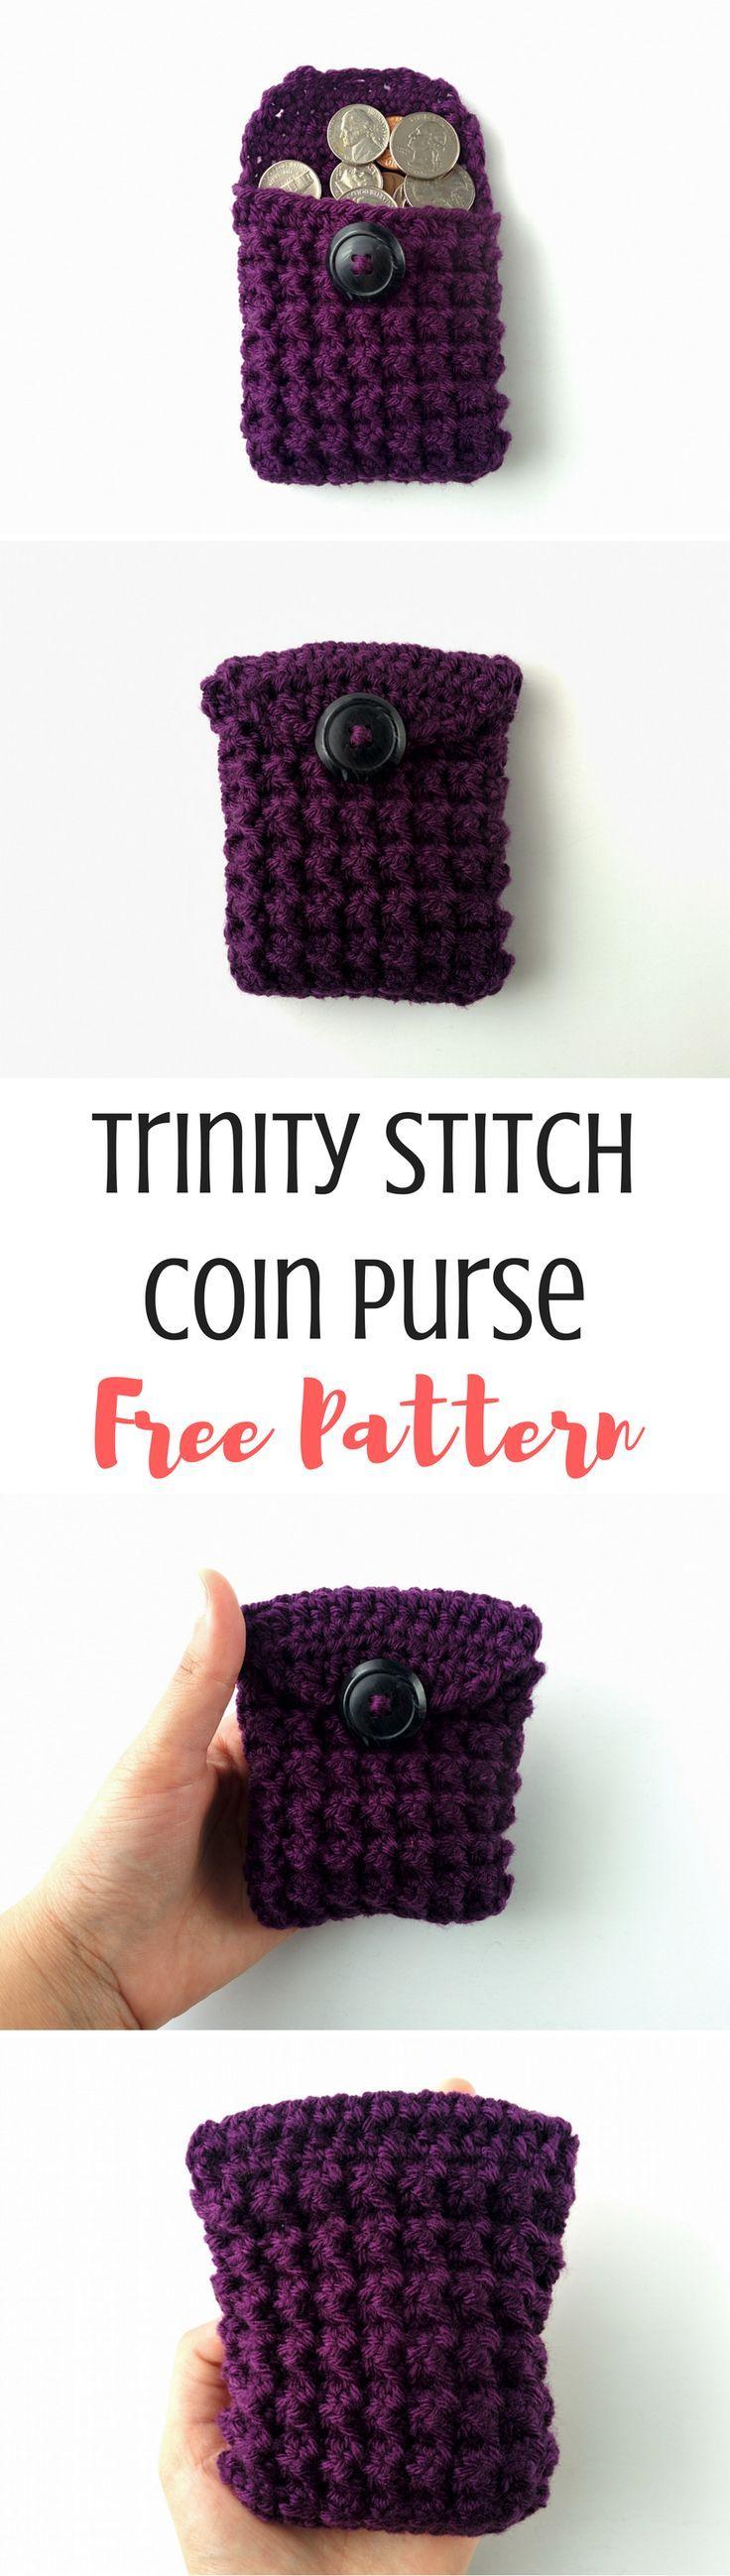 Mejores 80 imágenes de Quick & Fast Crochet & Knitting Patterns en ...